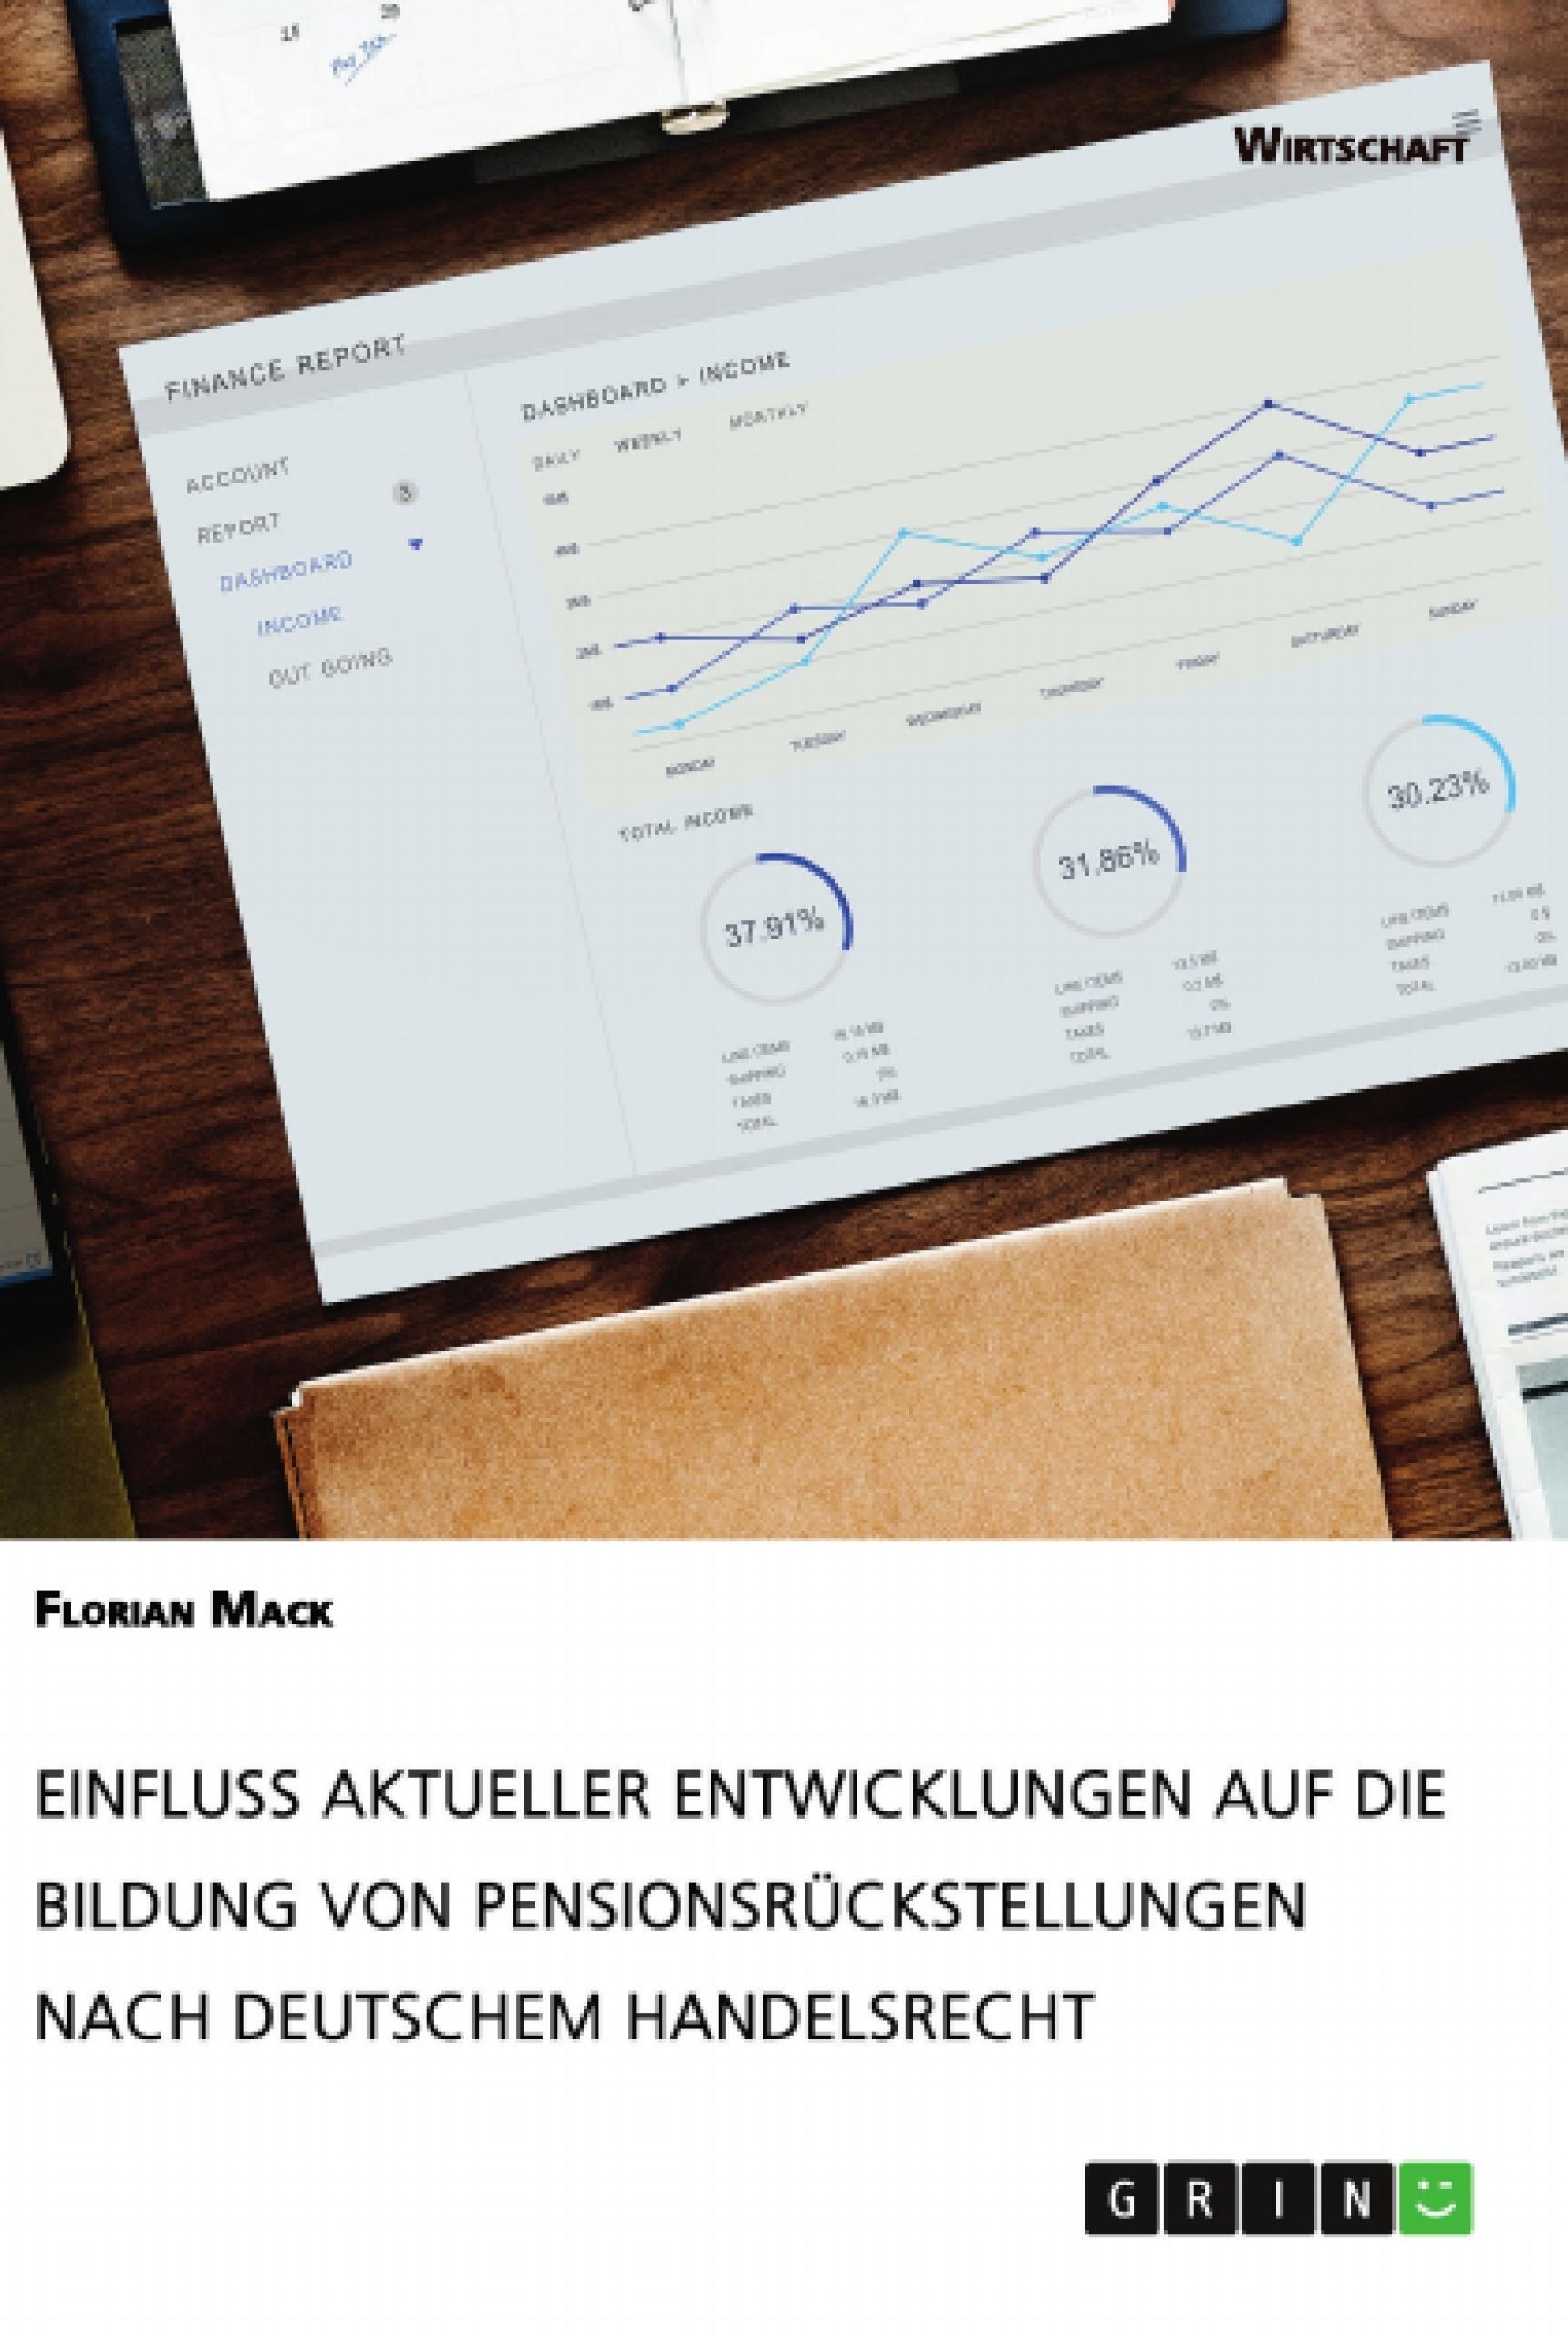 Titel: Einfluss aktueller Entwicklungen auf die Bildung von Pensionsrückstellungen nach deutschem Handelsrecht